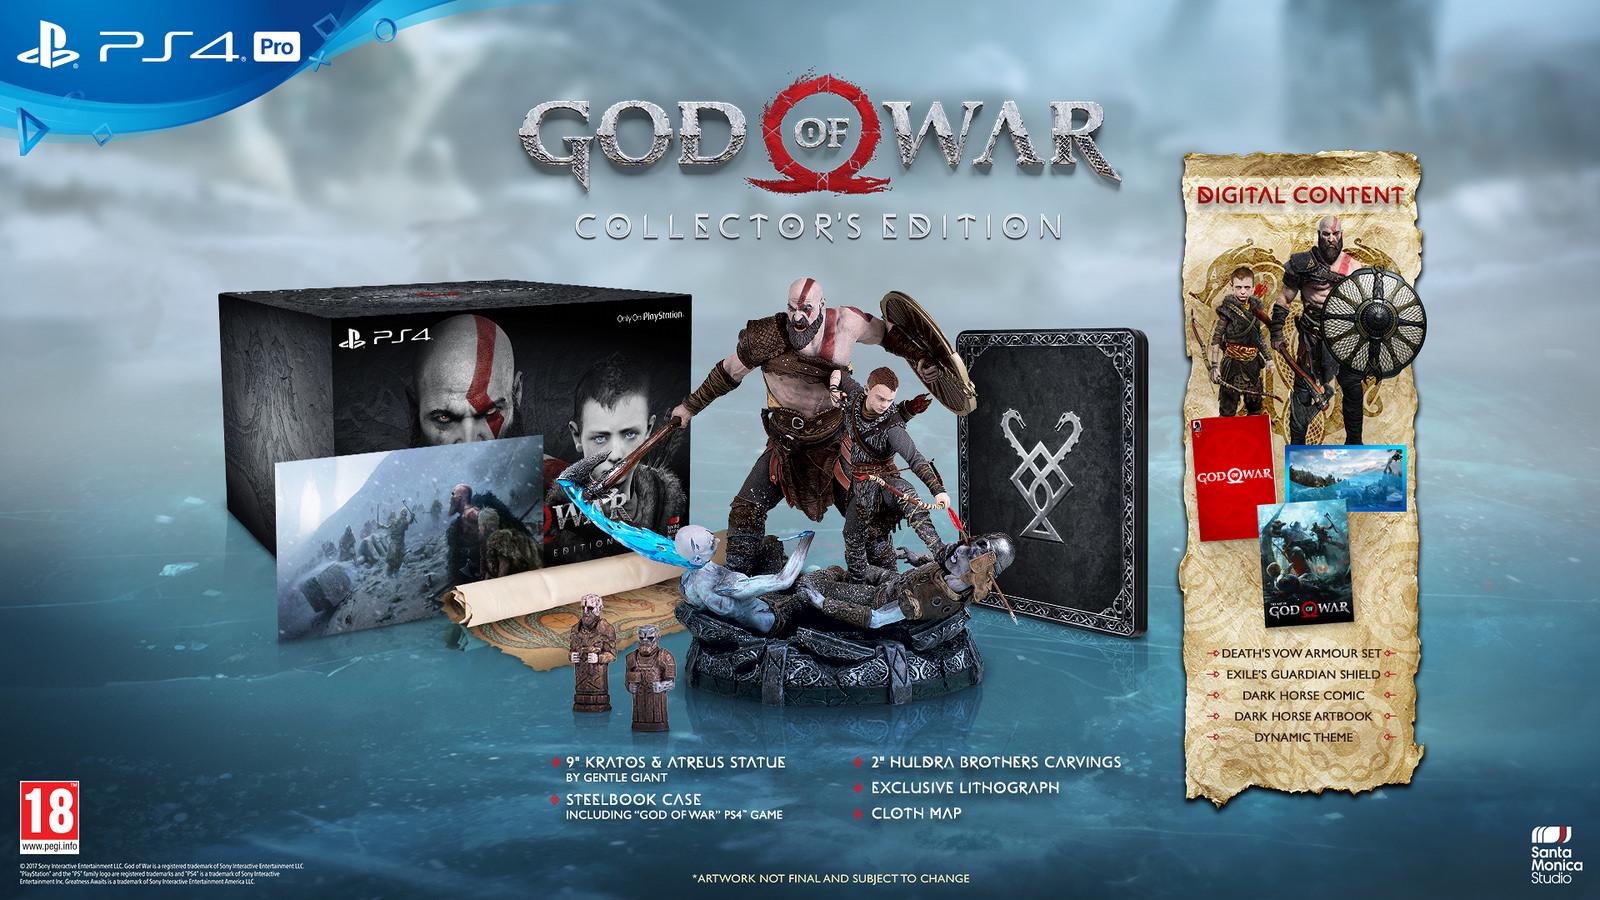 Freut euch unter anderem auf eine von Hand gefertige Statuette von Kratos und seinem Sohn. (Quelle: PS4)